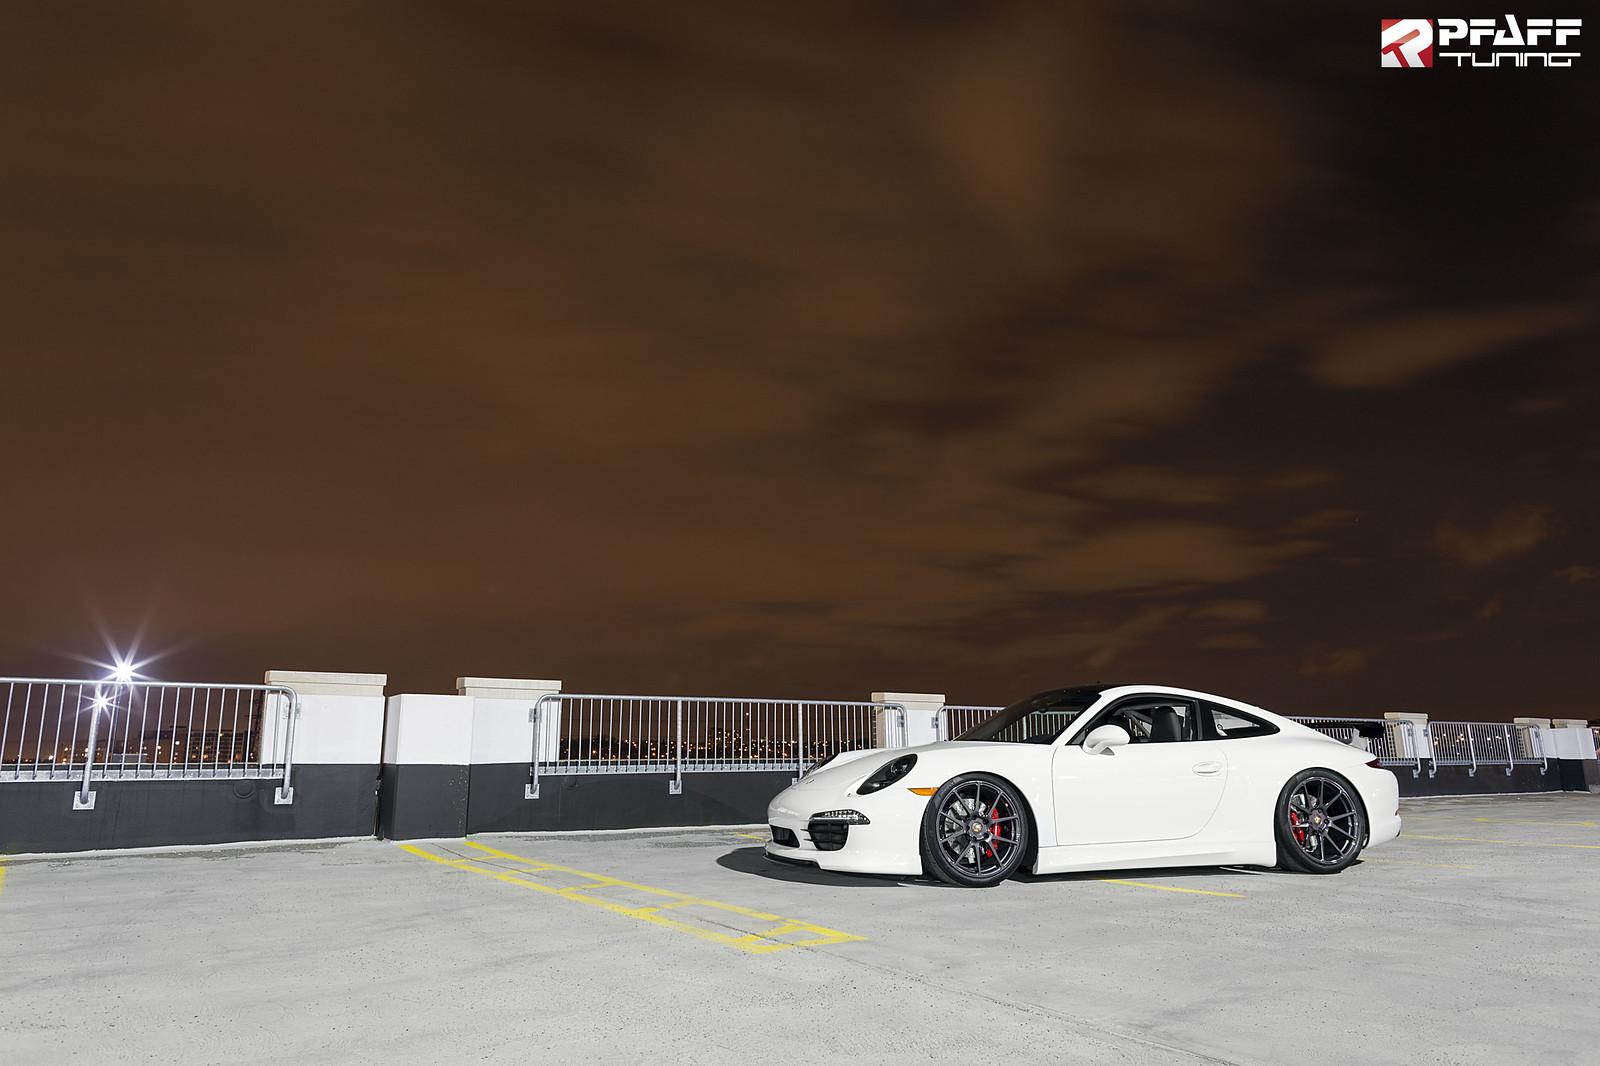 Gmg Roll Bar Installed In White Porsche 991 Carrera S At Pfaff Tuning Canada Rennlist